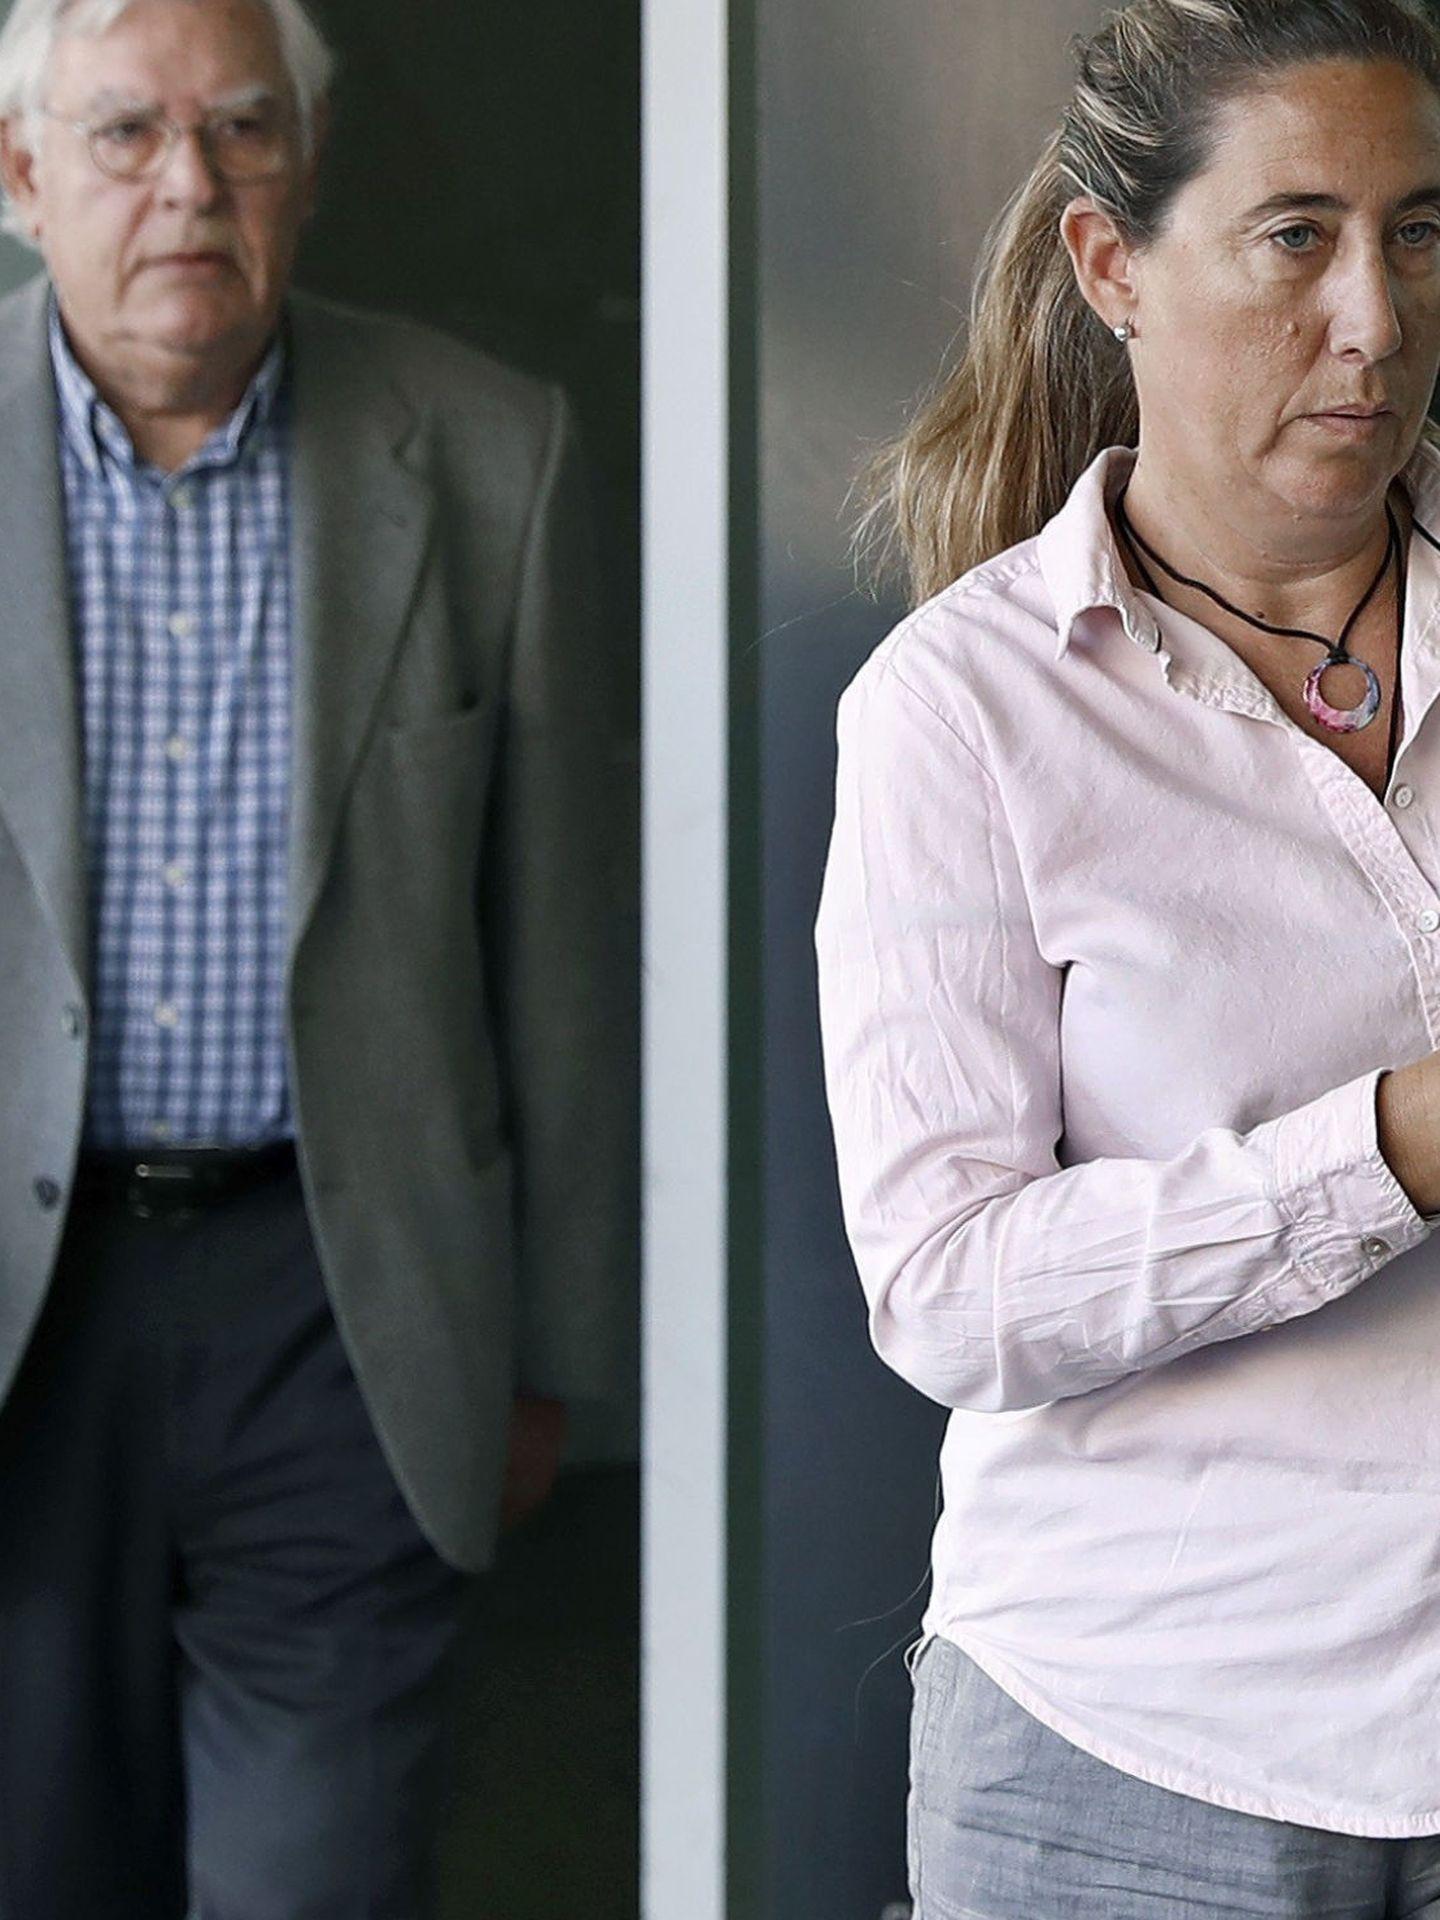 GRA072. BARCELONA, 17 05 2017.- La exdirectora financiera del Palau de la Música Gemma Montull y su padre, el exdirector del Palau de la Música Jordi Montull, a su llegada a la Ciudad de la Justicia para asistir al juicio por el expolio del Palau de la Música que afronta hoy una sesión clave en la que las acusaciones expondrán ante el tribunal su petición de penas definitivas para los procesados. EFE Andreu Dalmau